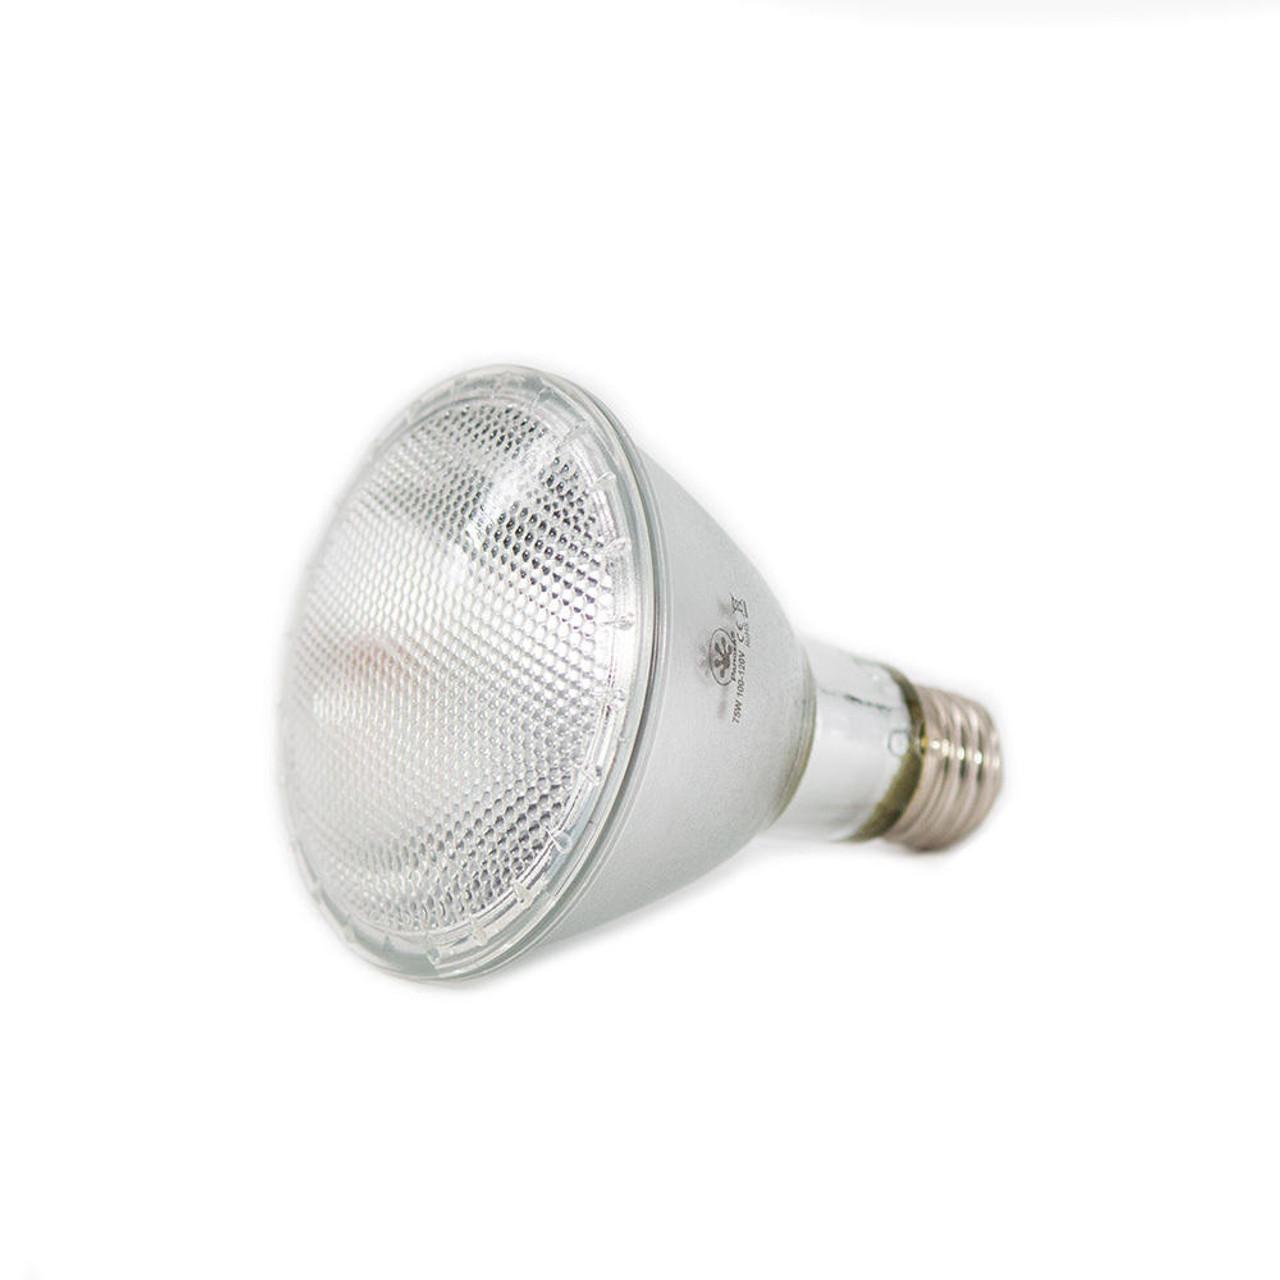 Pangea Pangea 75w Pangea Halogen Heat Lamp-4pk